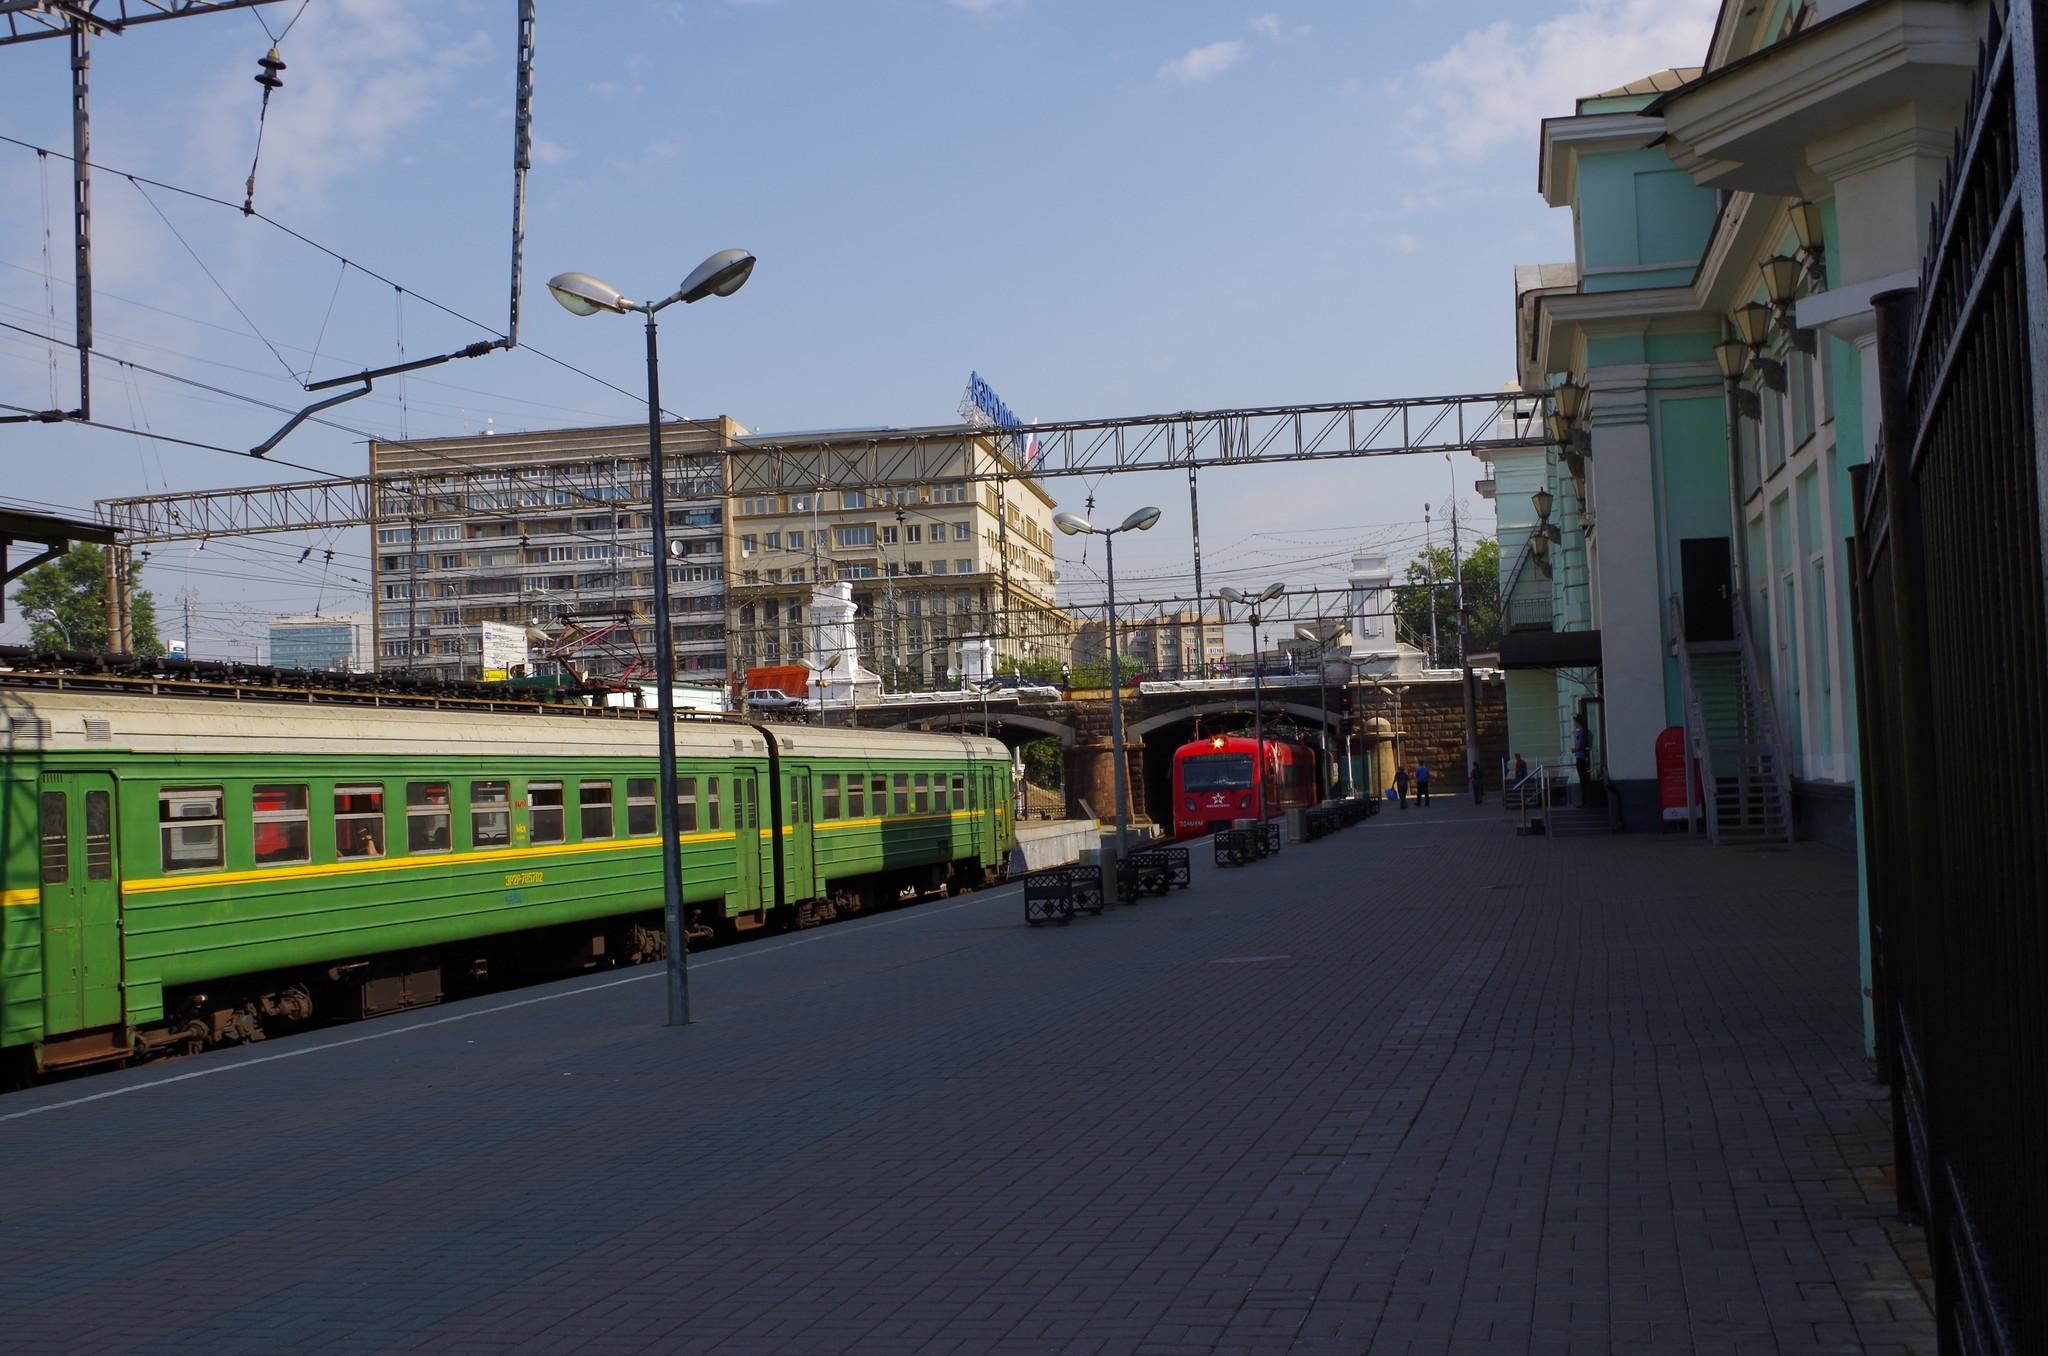 Аэроэкспресс Белорусский вокзал - аэропорт Шереметьево